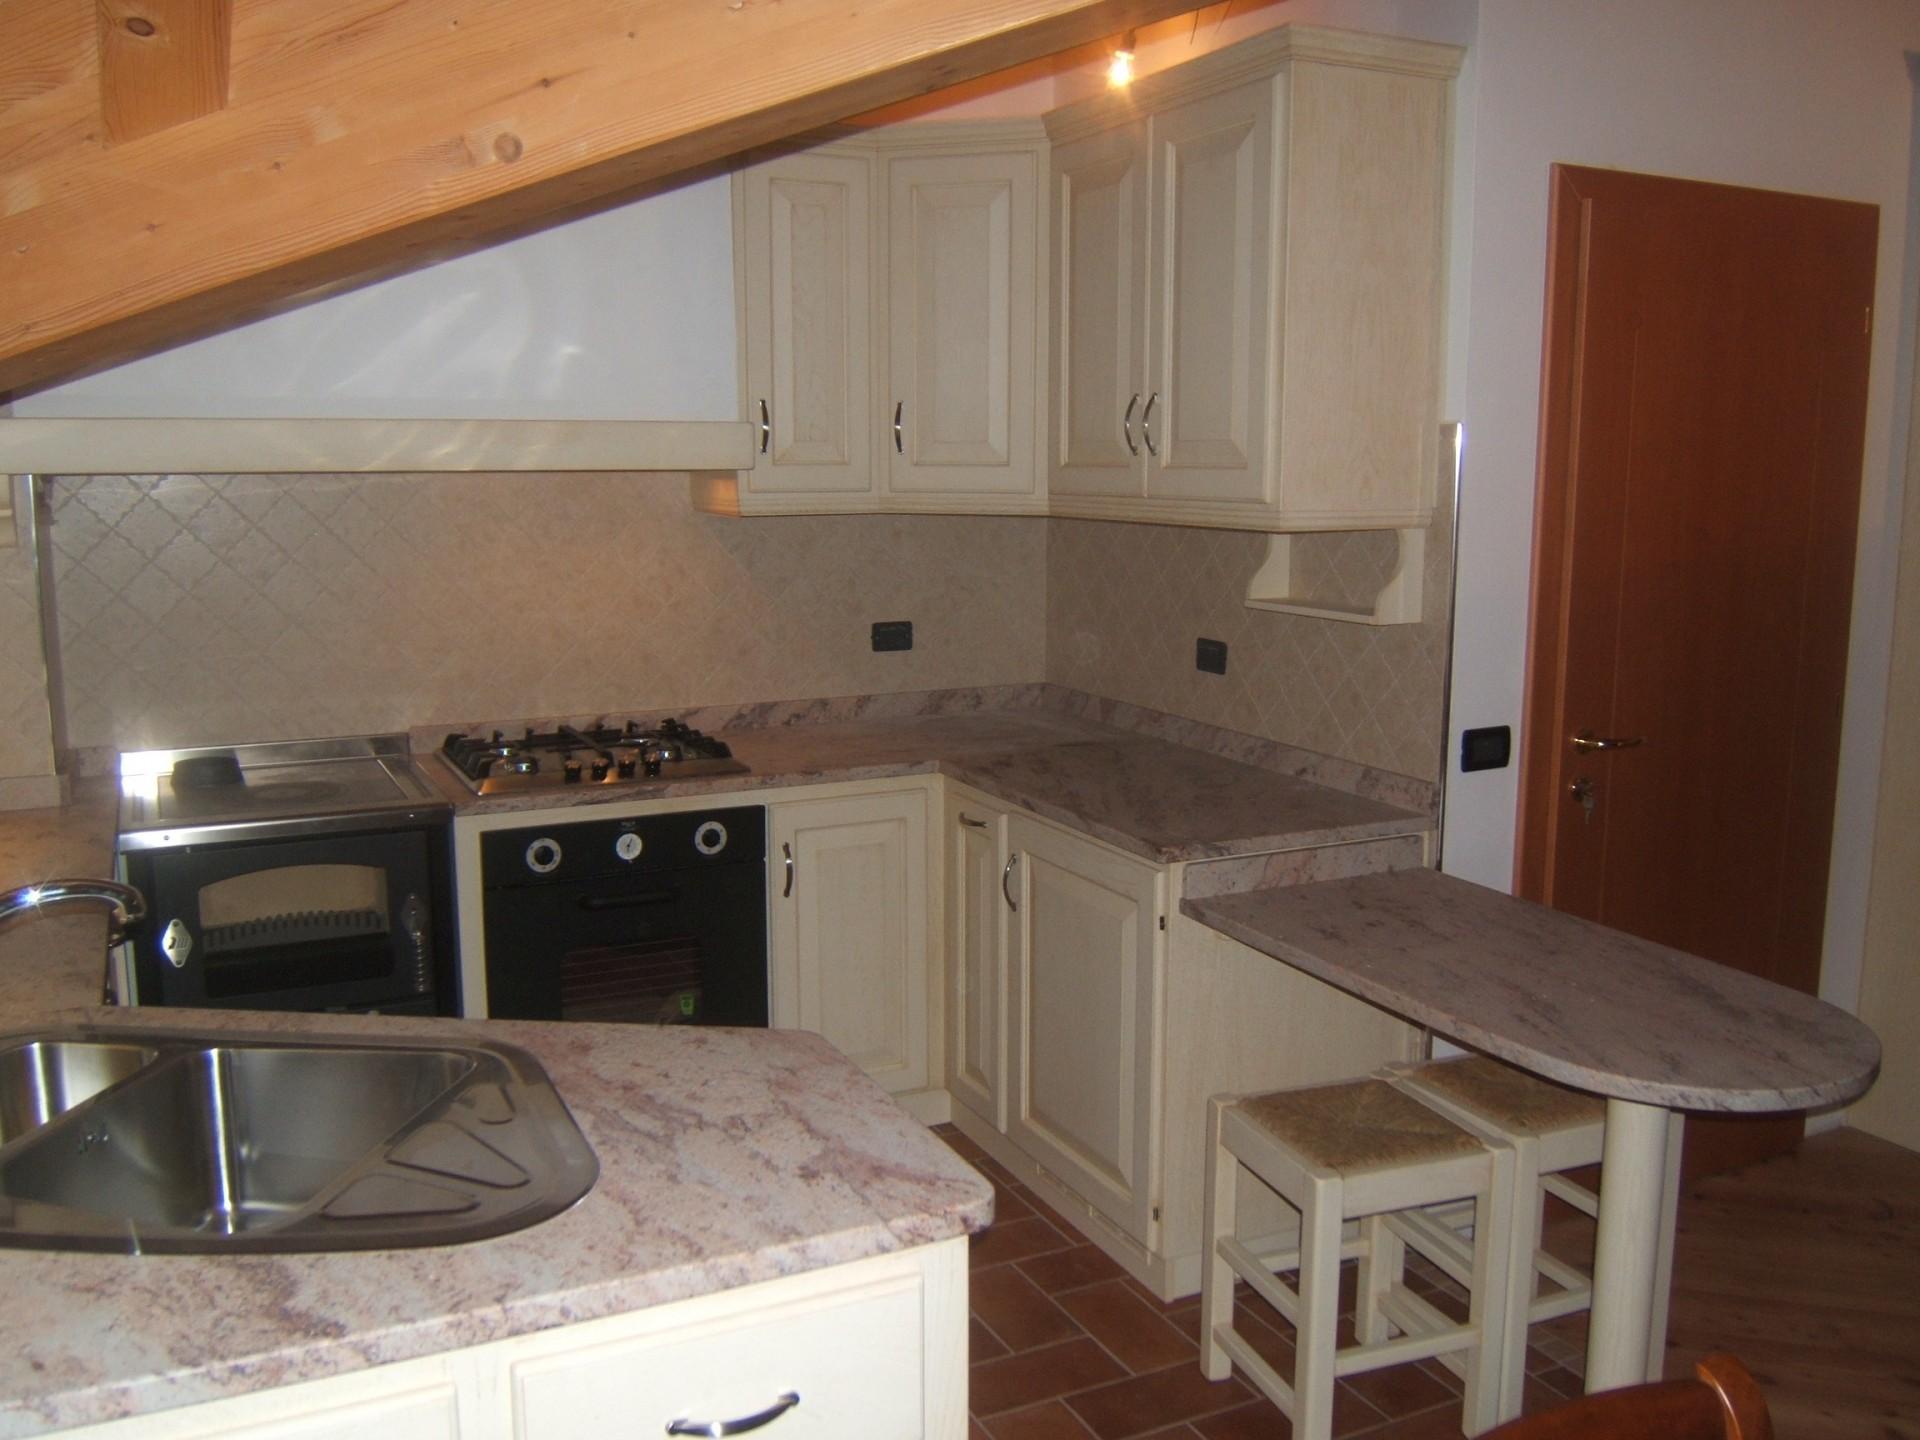 cucina sottotetto country costruita artigianalmente su misura ... - Costruire Cucina